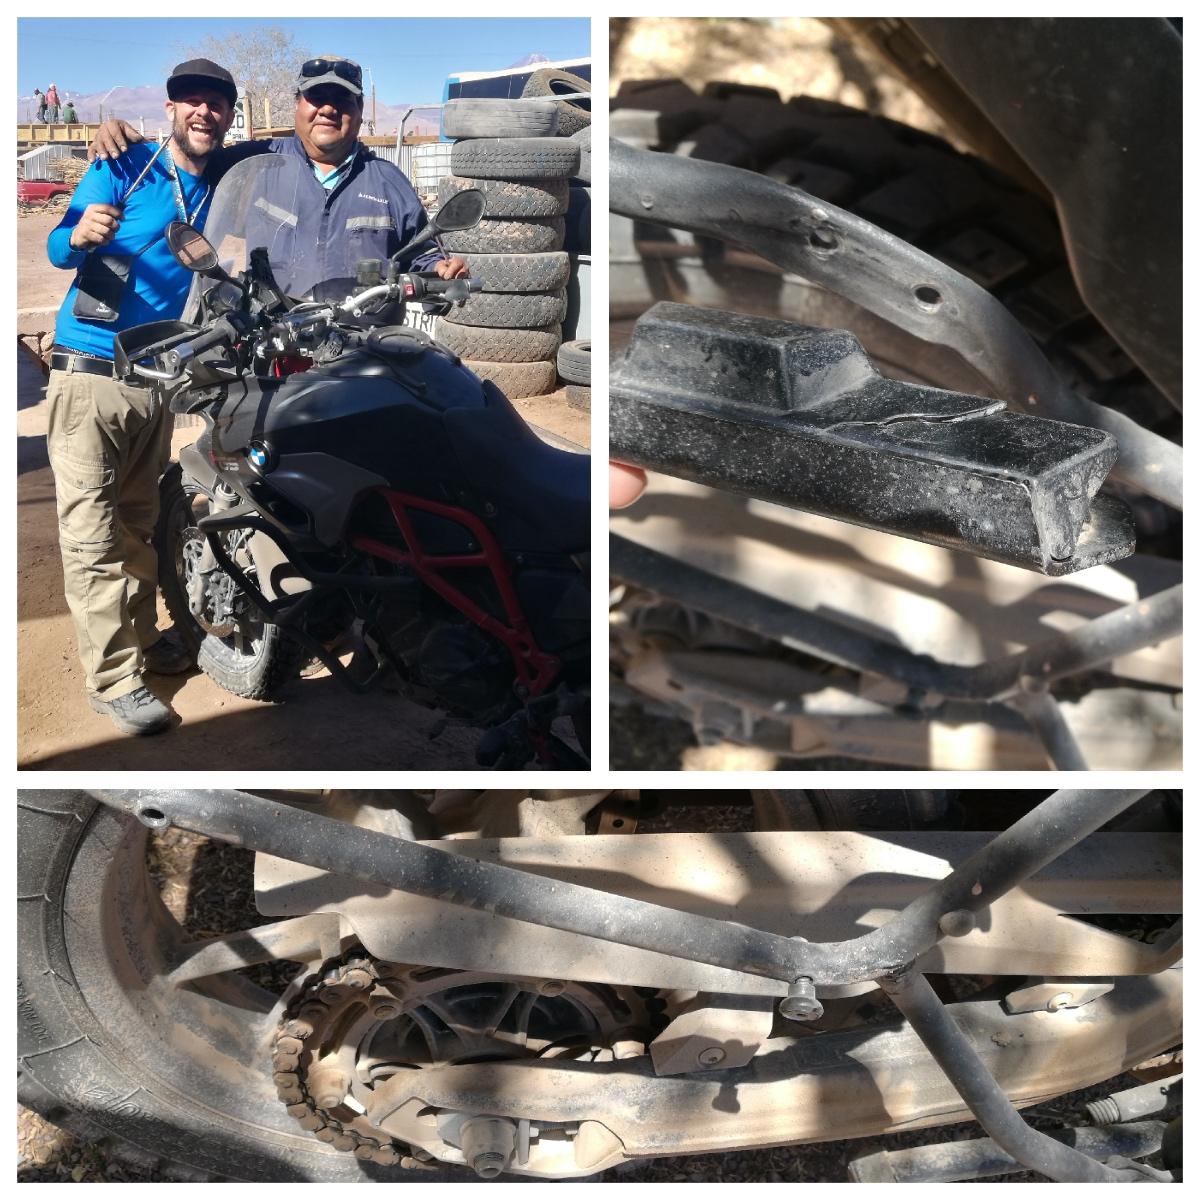 Mechanic, San Pedro De Atacama